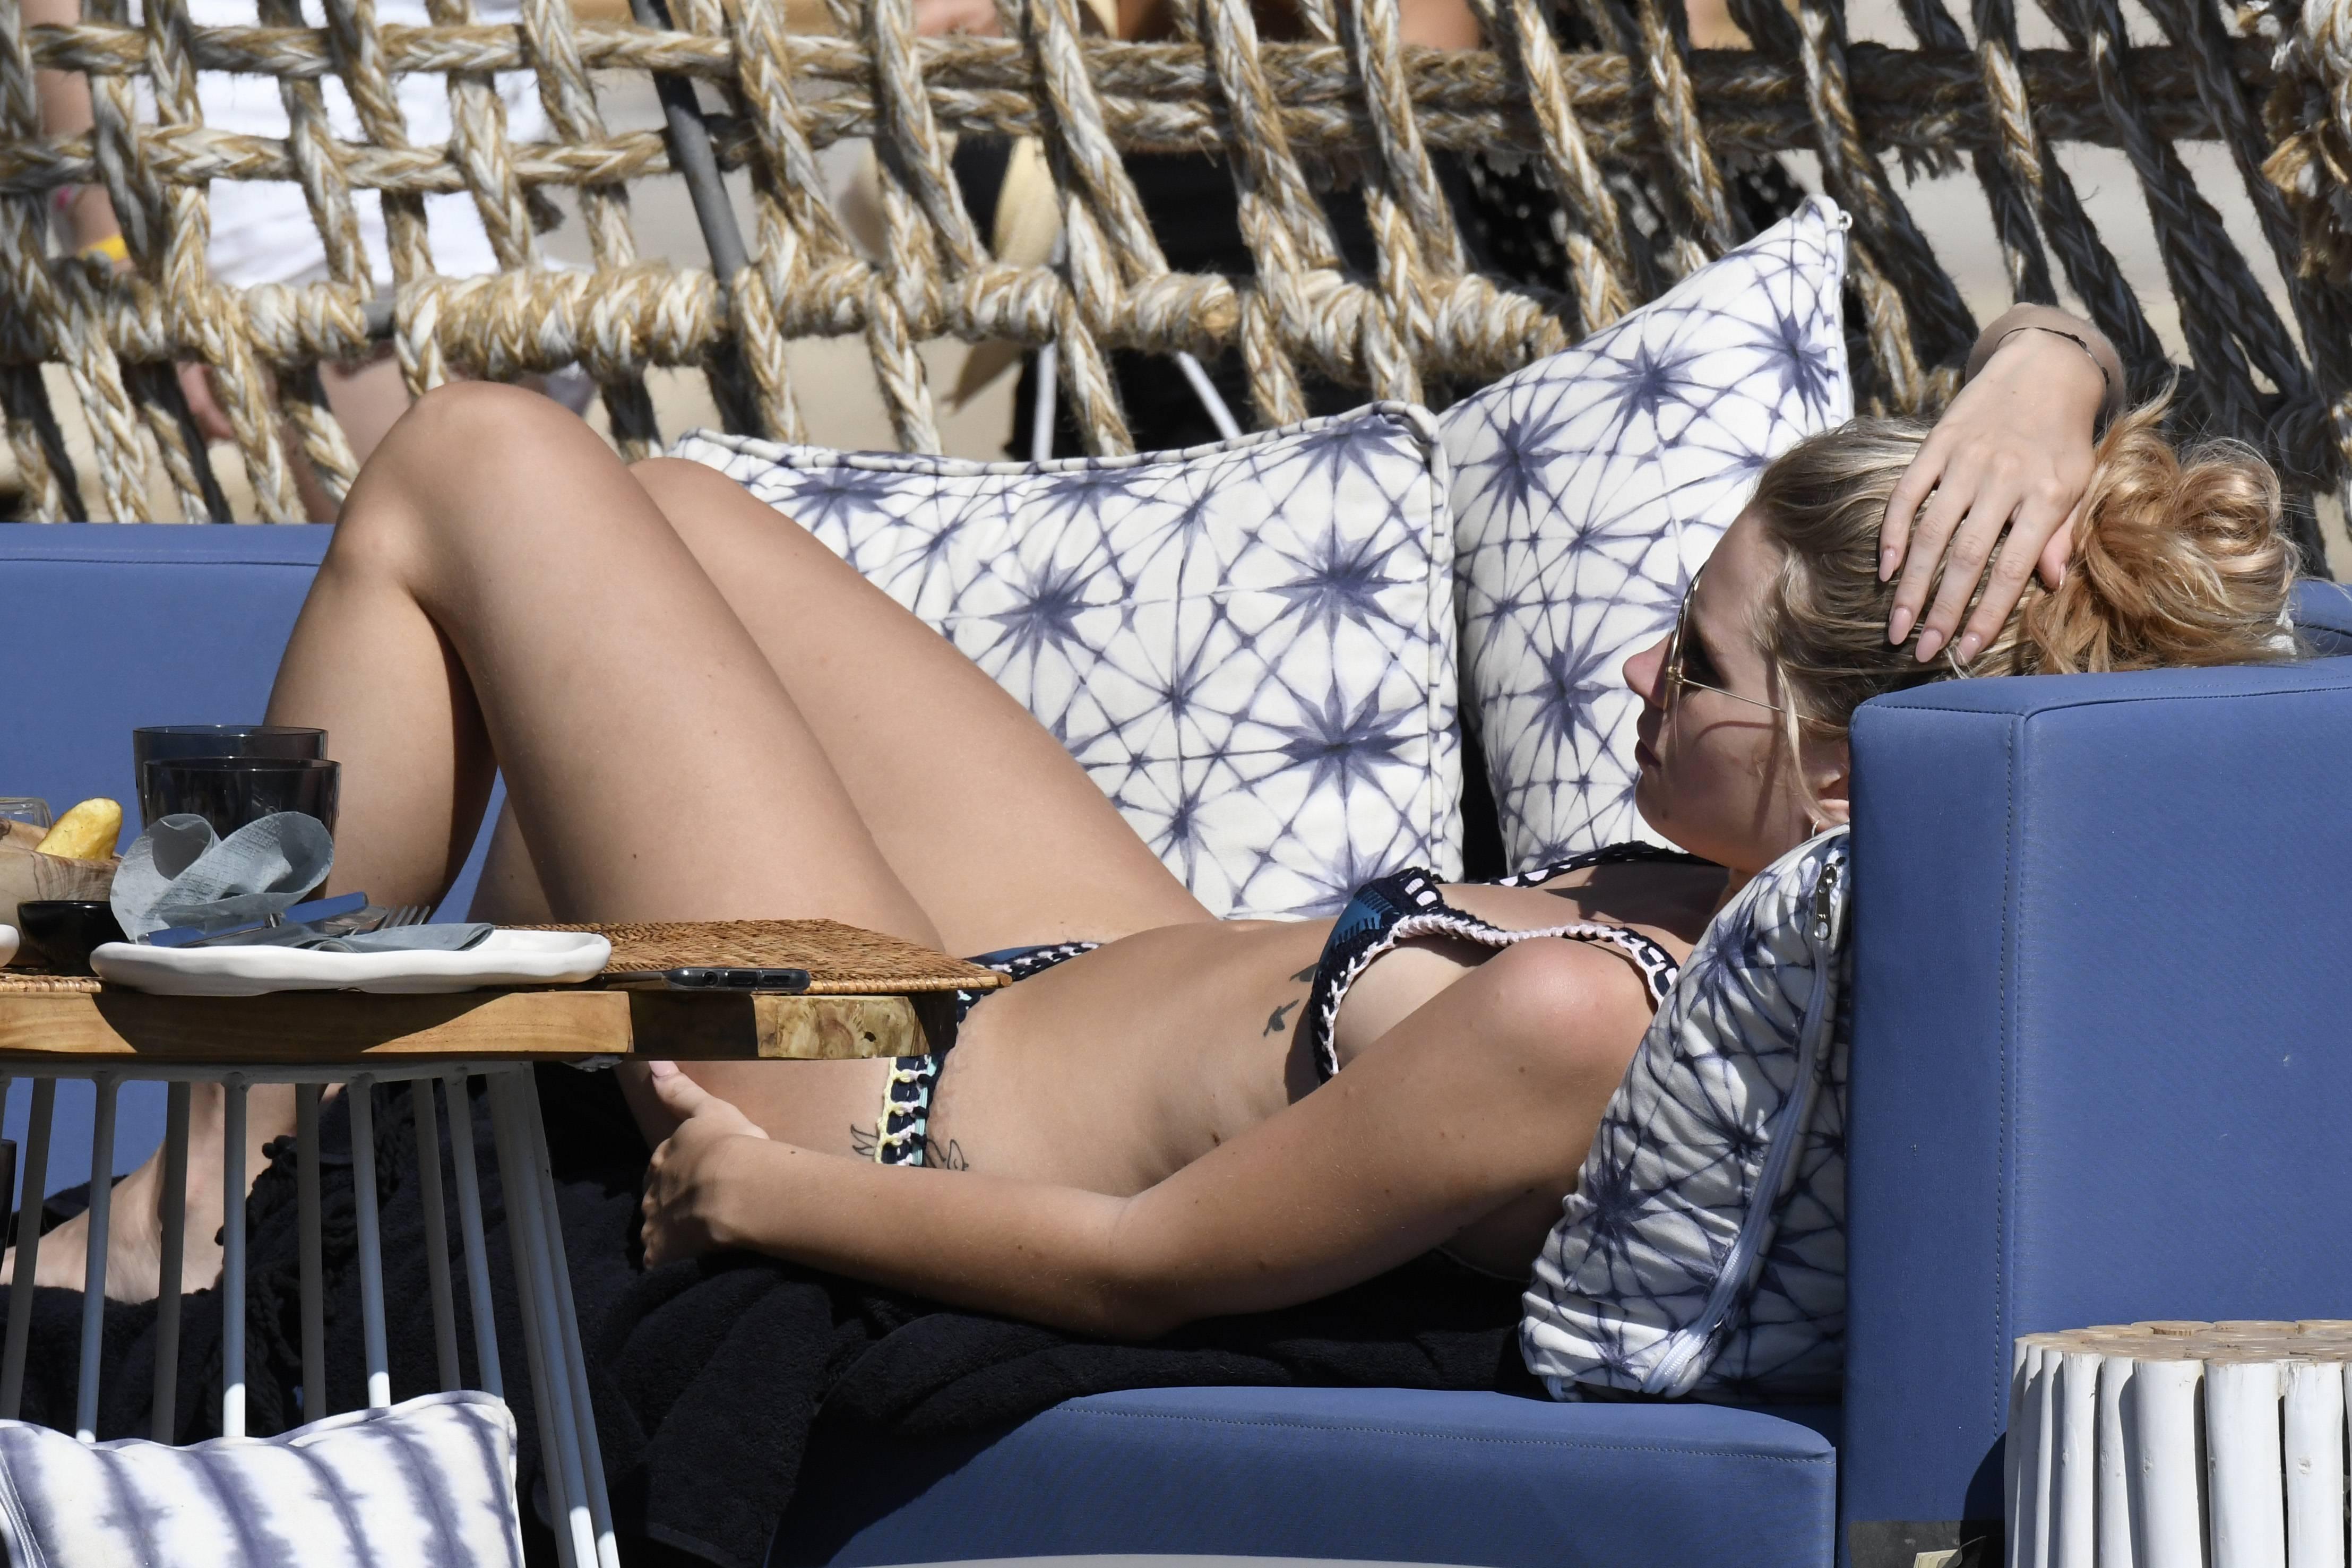 48092157_0701191021208_21_lottie-moss-bikini-mykonos-31-jul-17-31.jpg